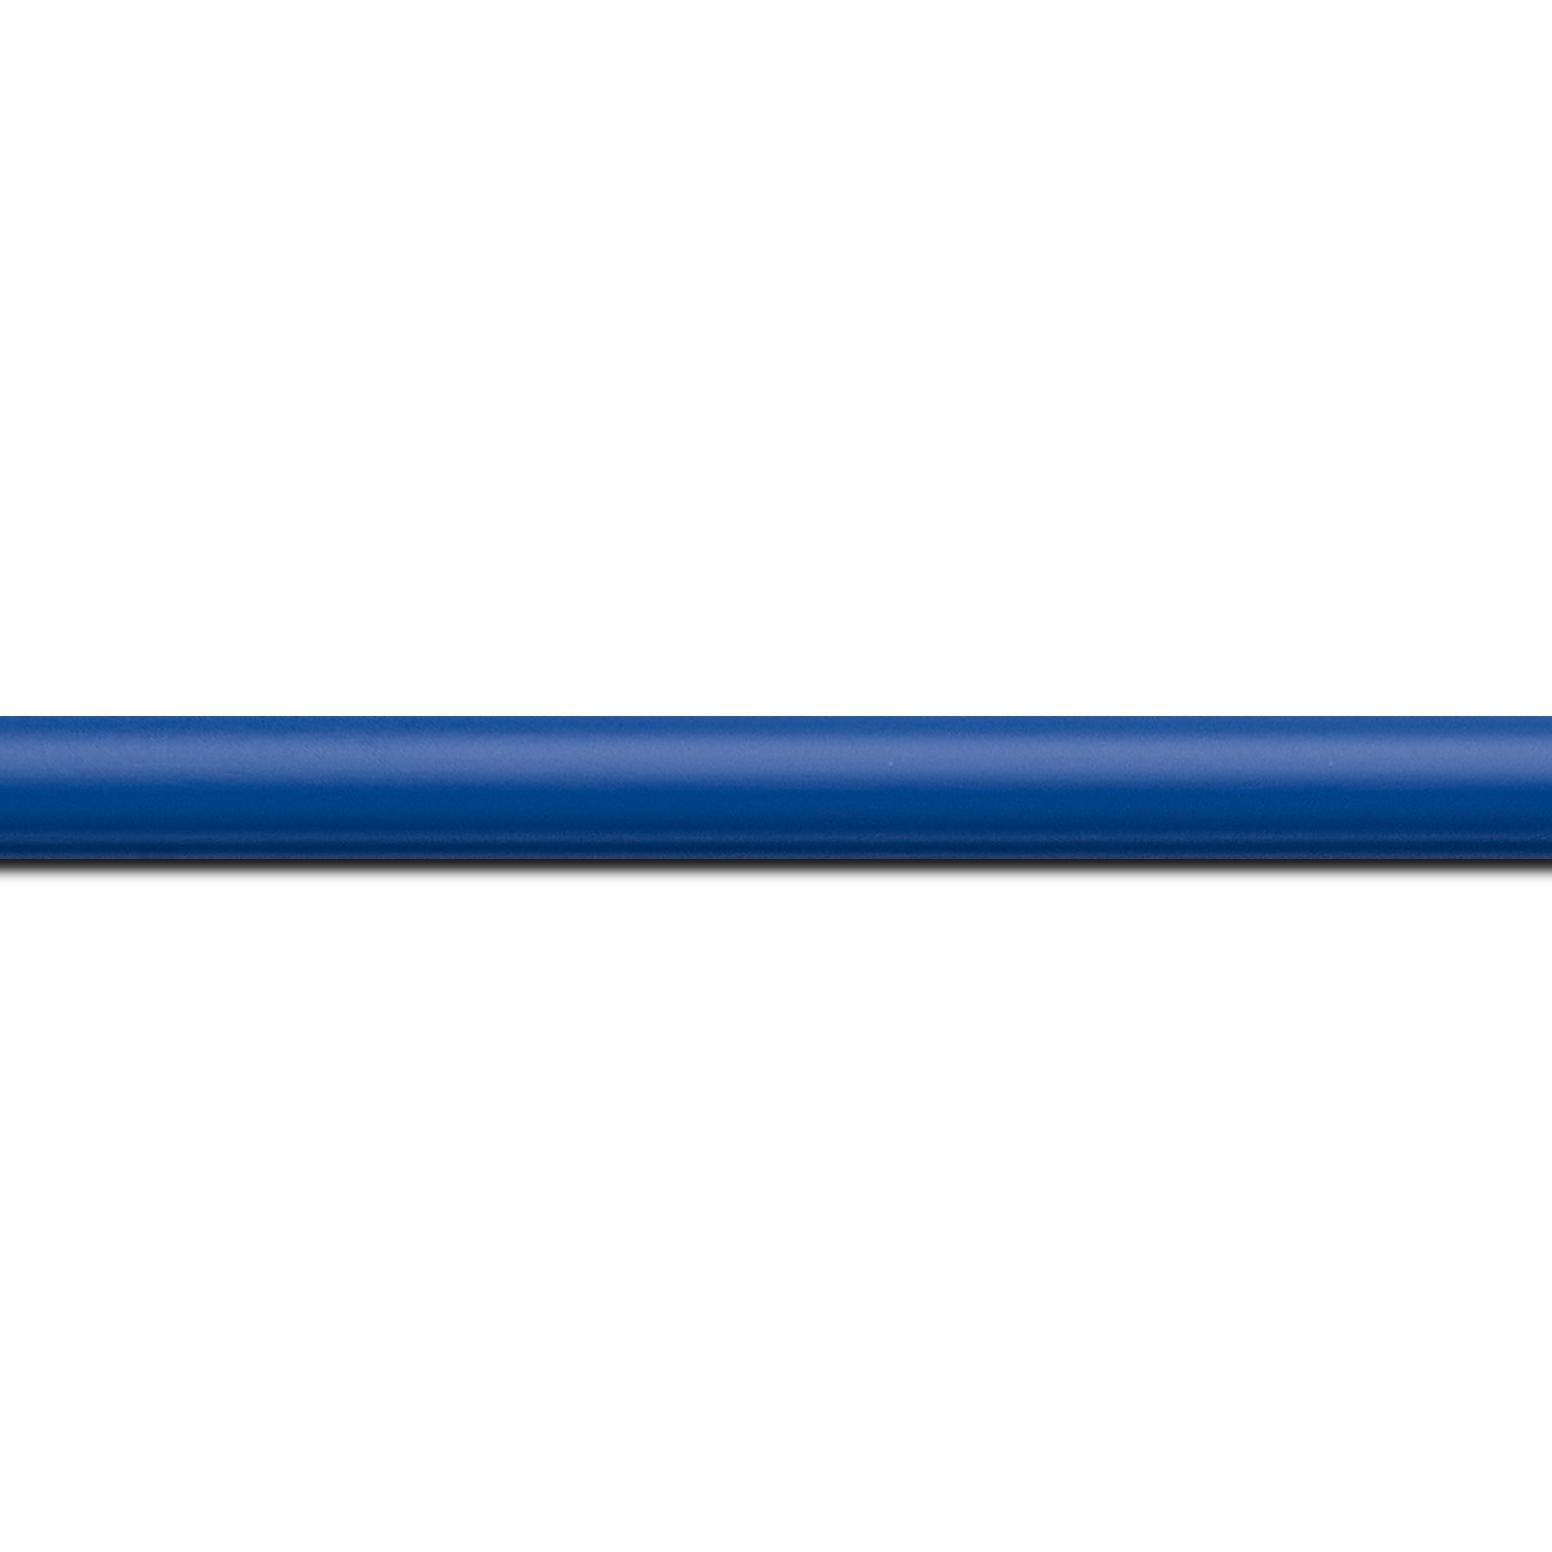 Baguette longueur 1.40m bois profil demi rond largeur 1.5cm couleur bleu français mat